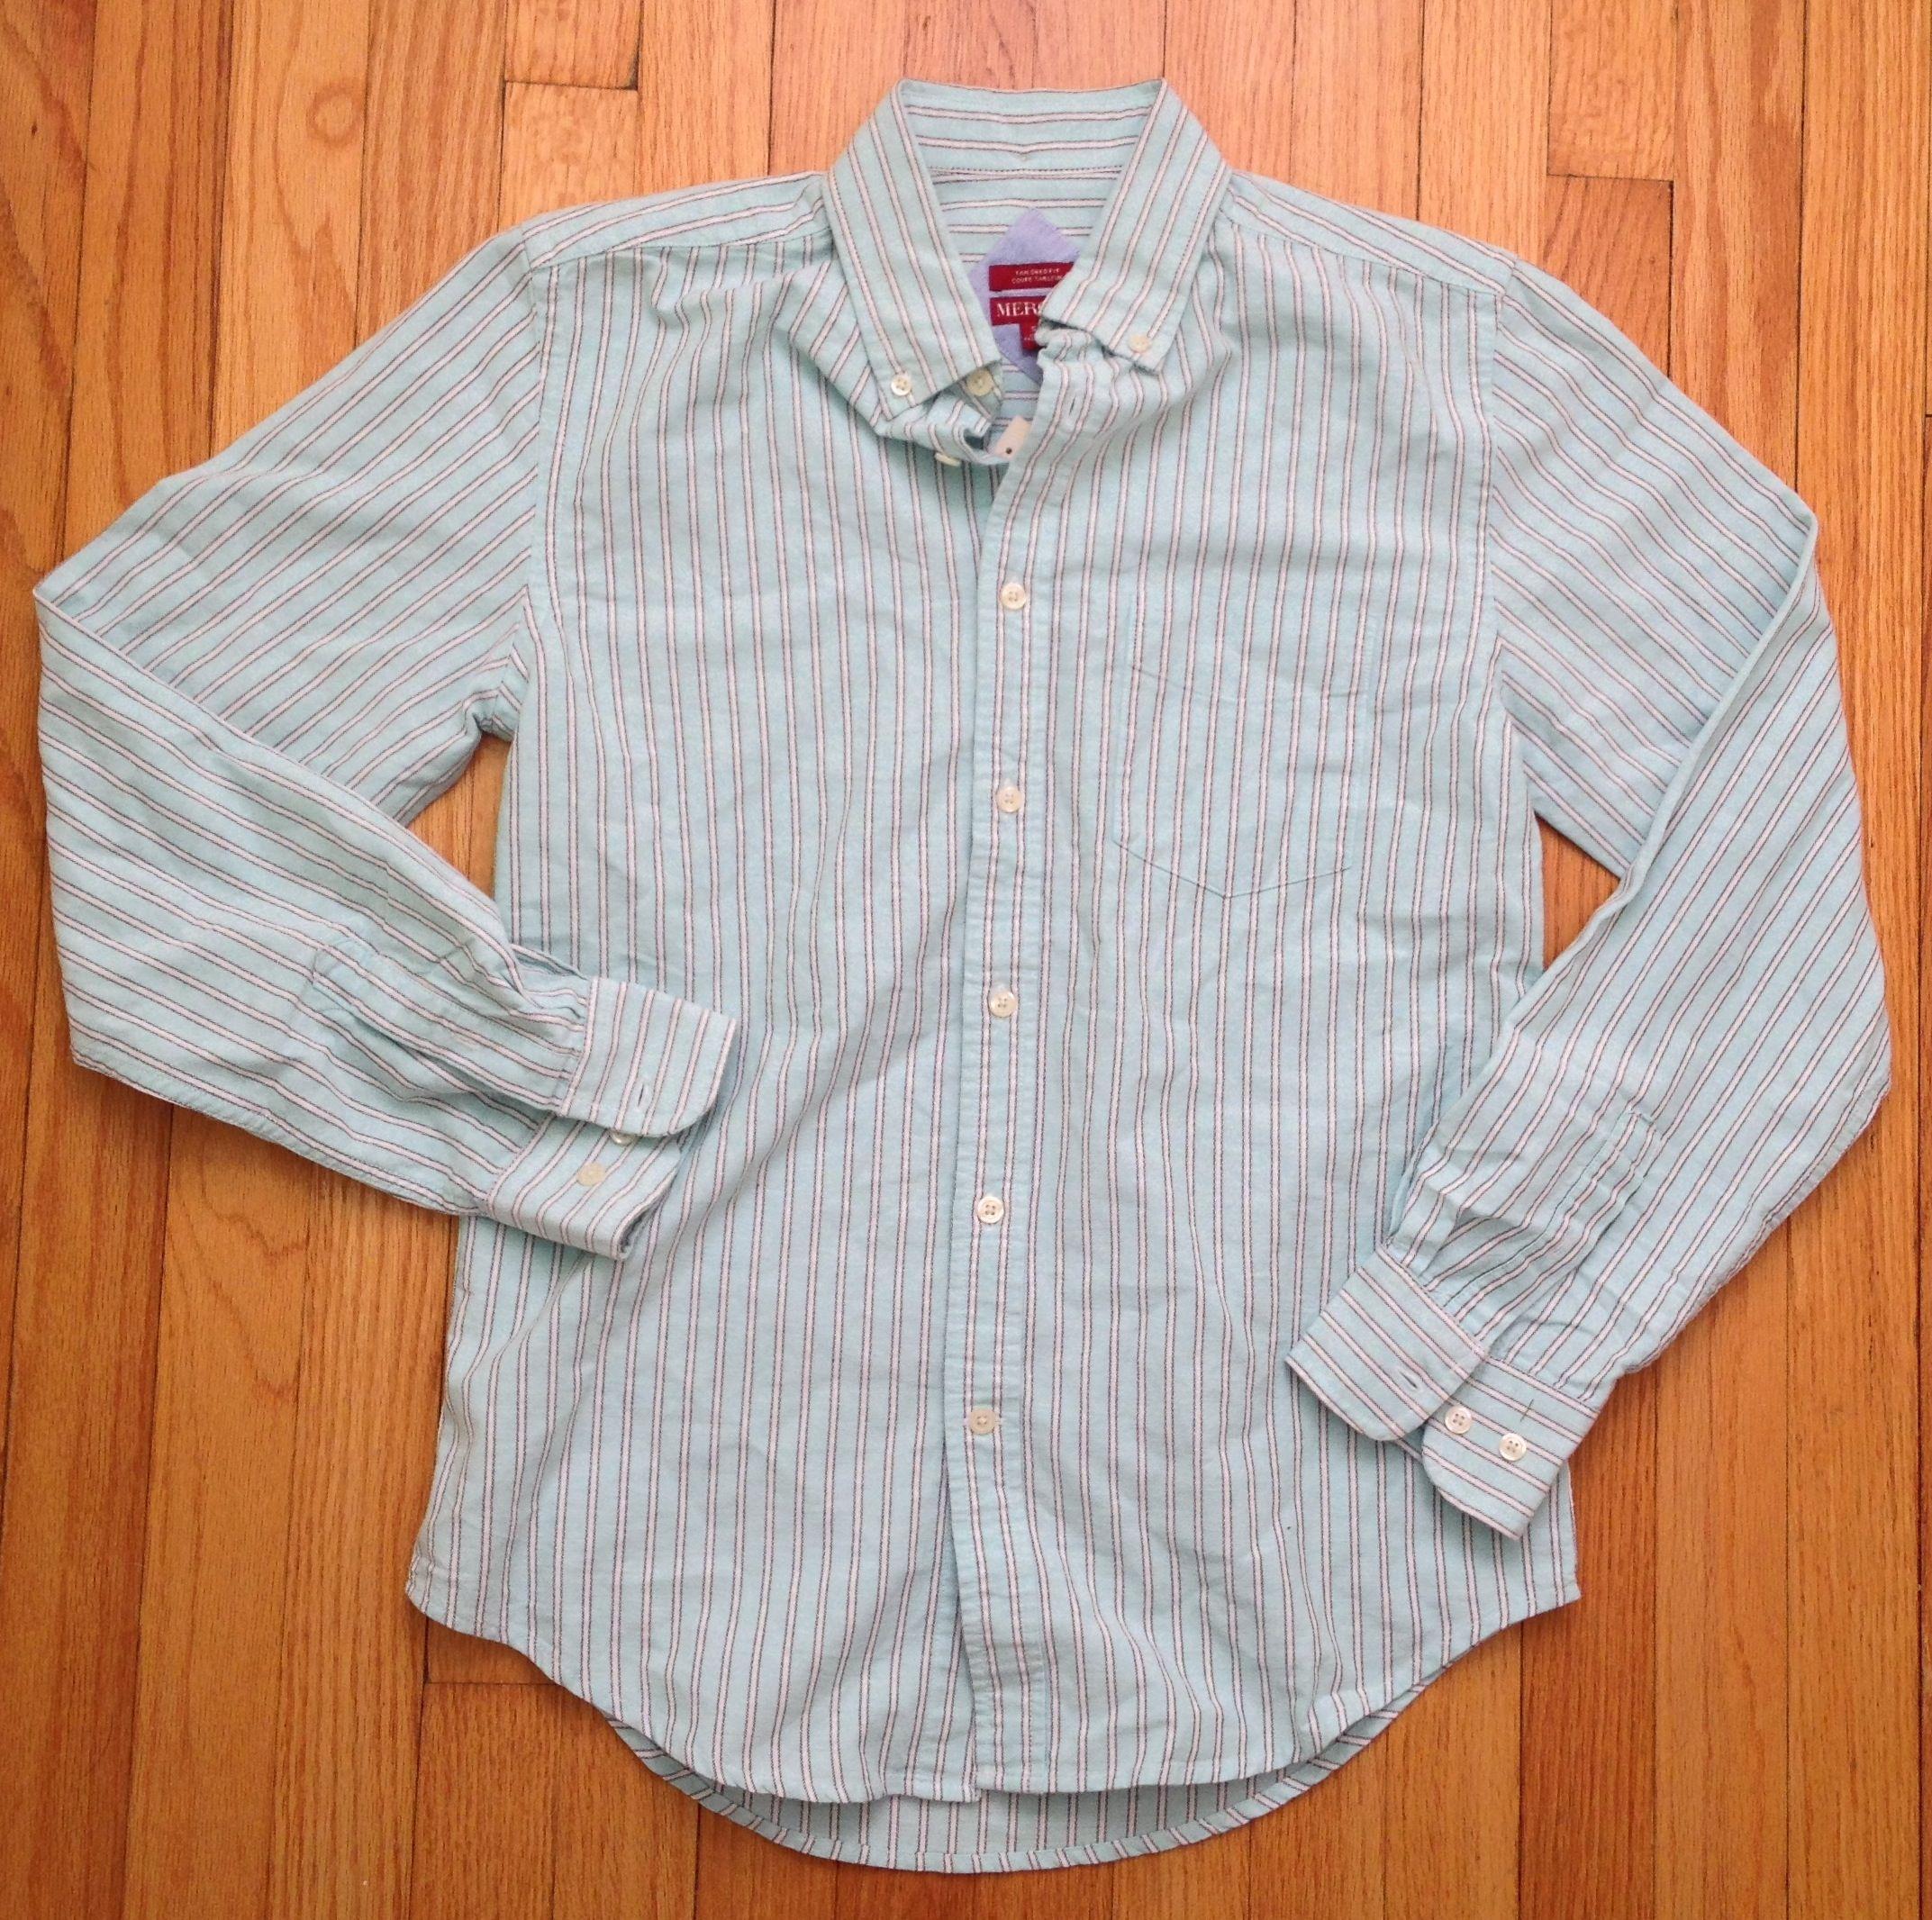 Shop now!  http://stores.ebay.com/recycledcouture